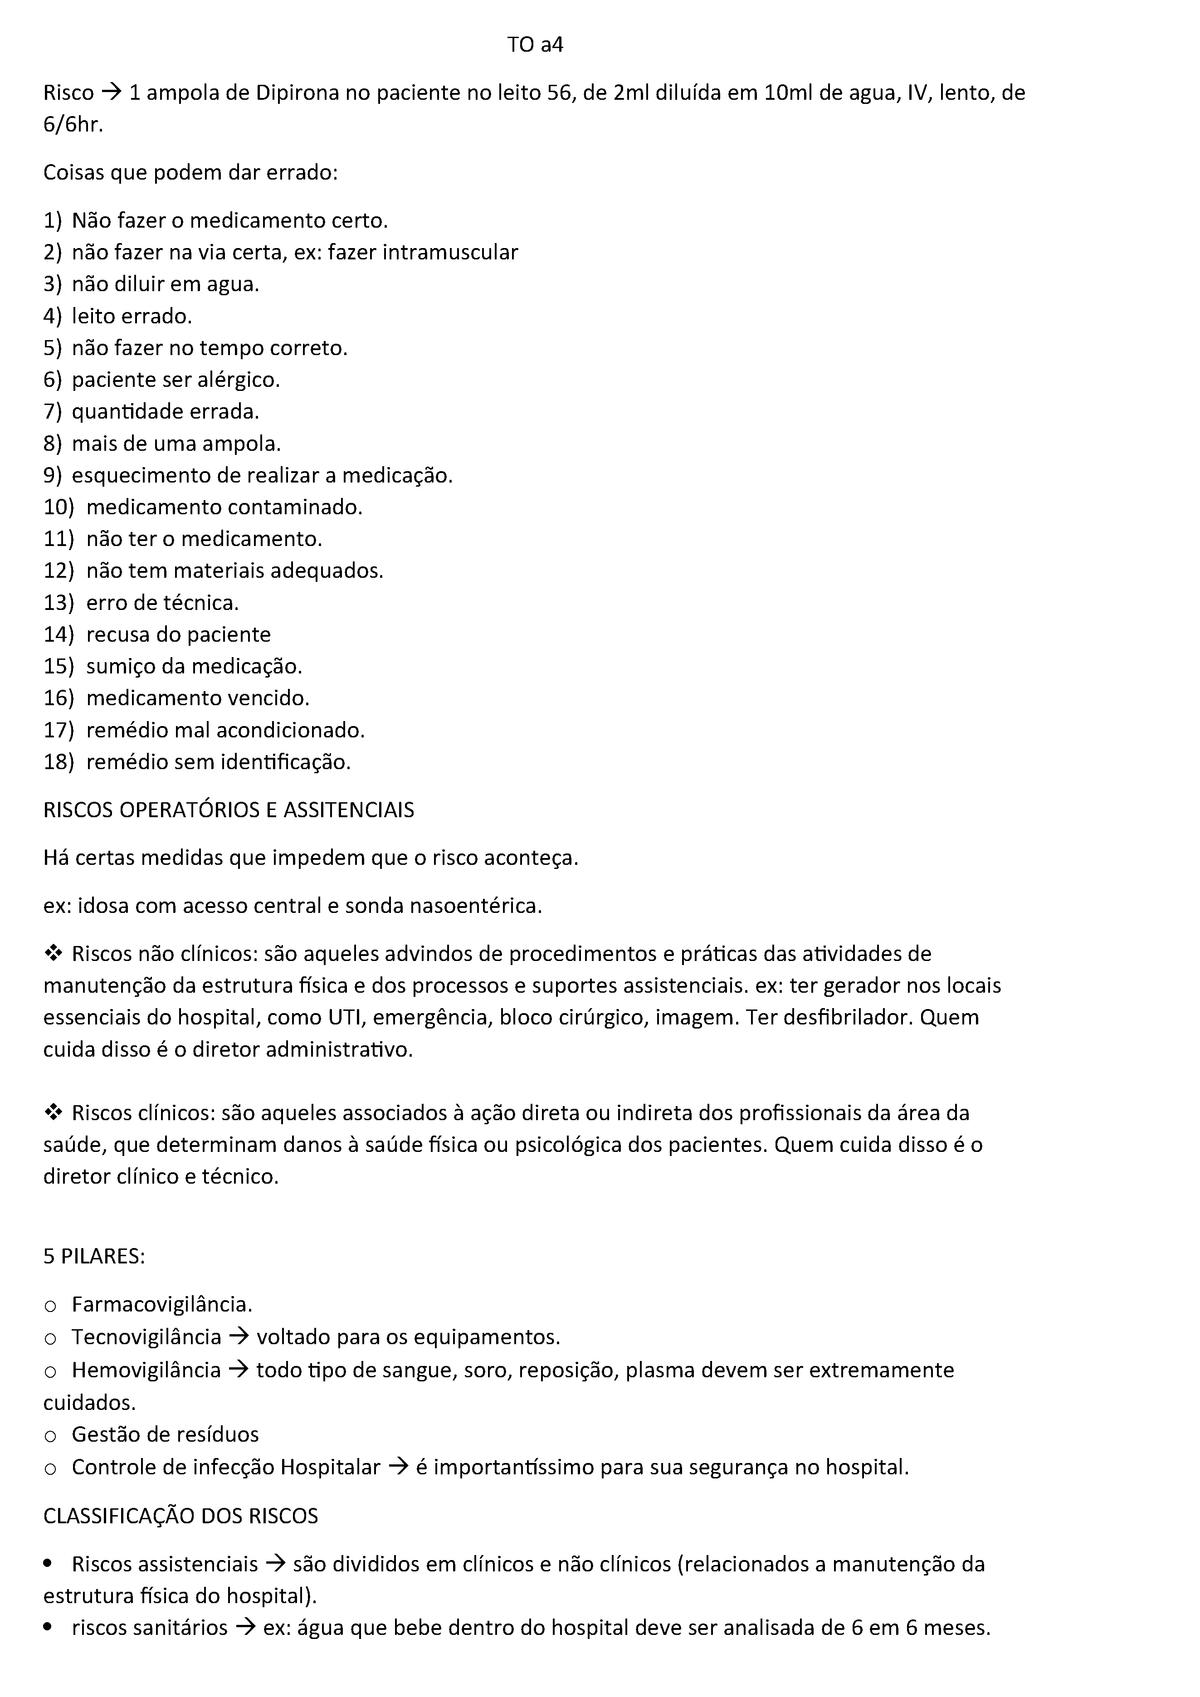 Transcrição Aula 4 Riscos Ufjf Técnica Cirúrgica Cir032